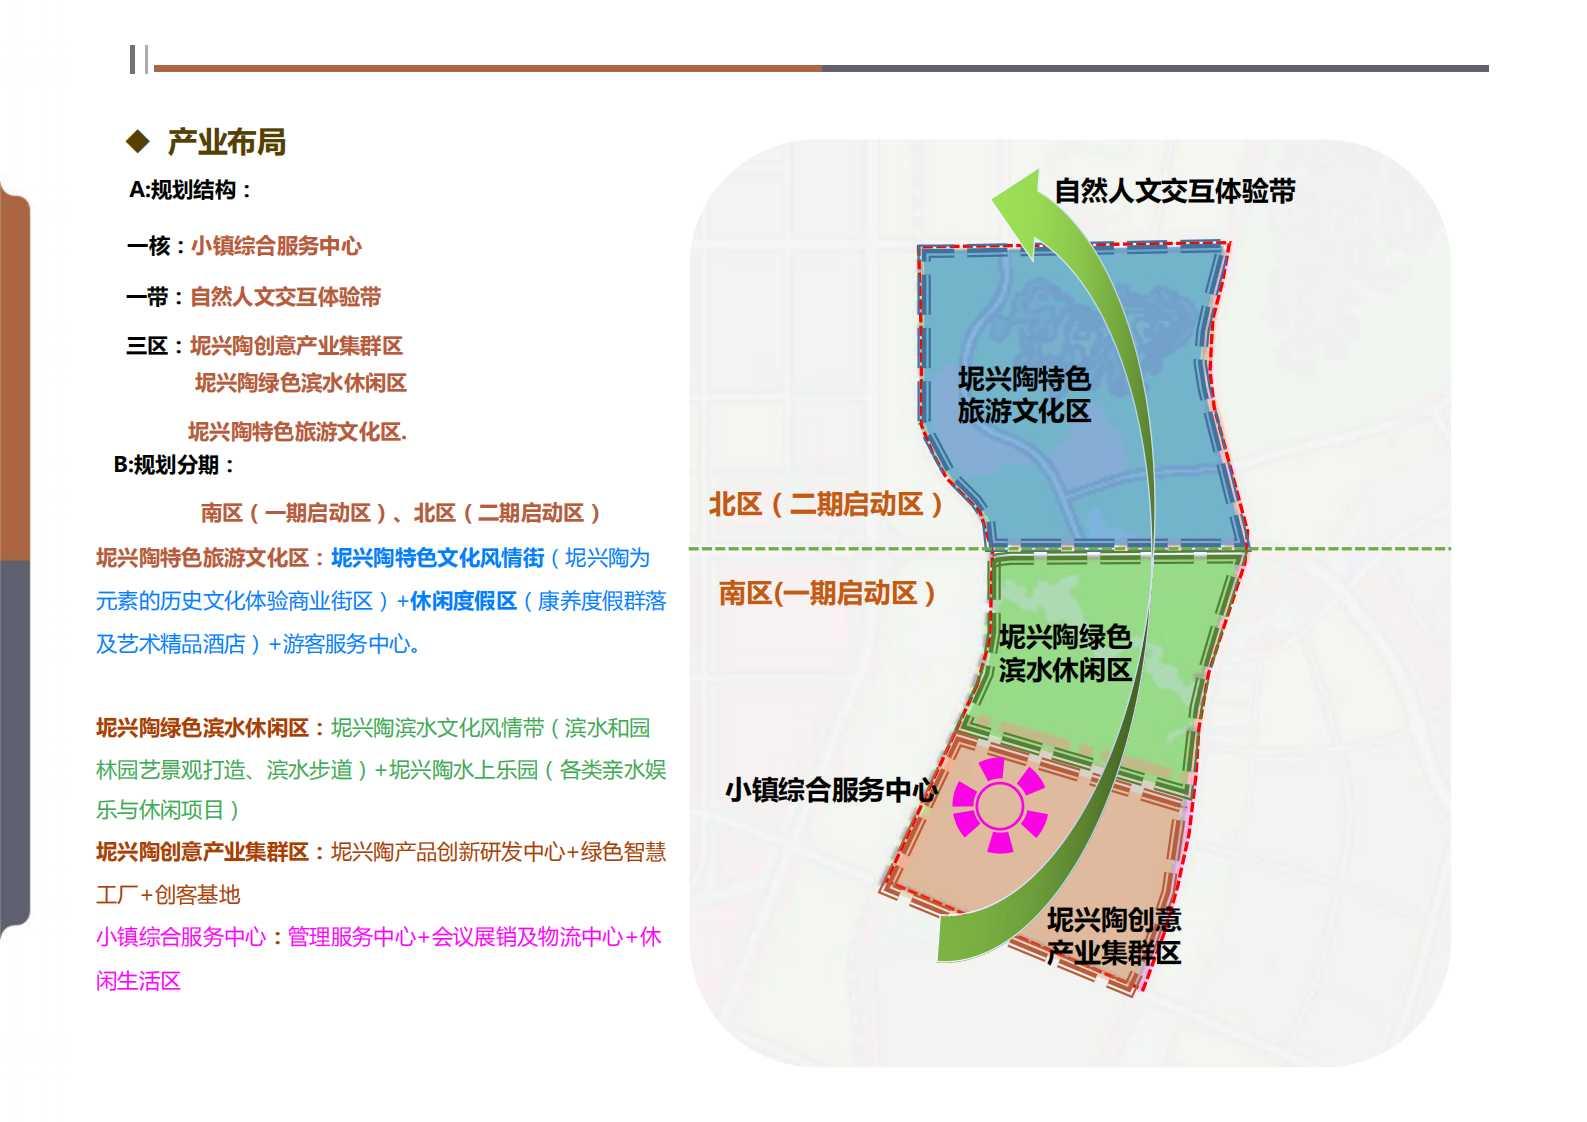 钦州坭兴陶特色小镇项目简介(4)_24.png